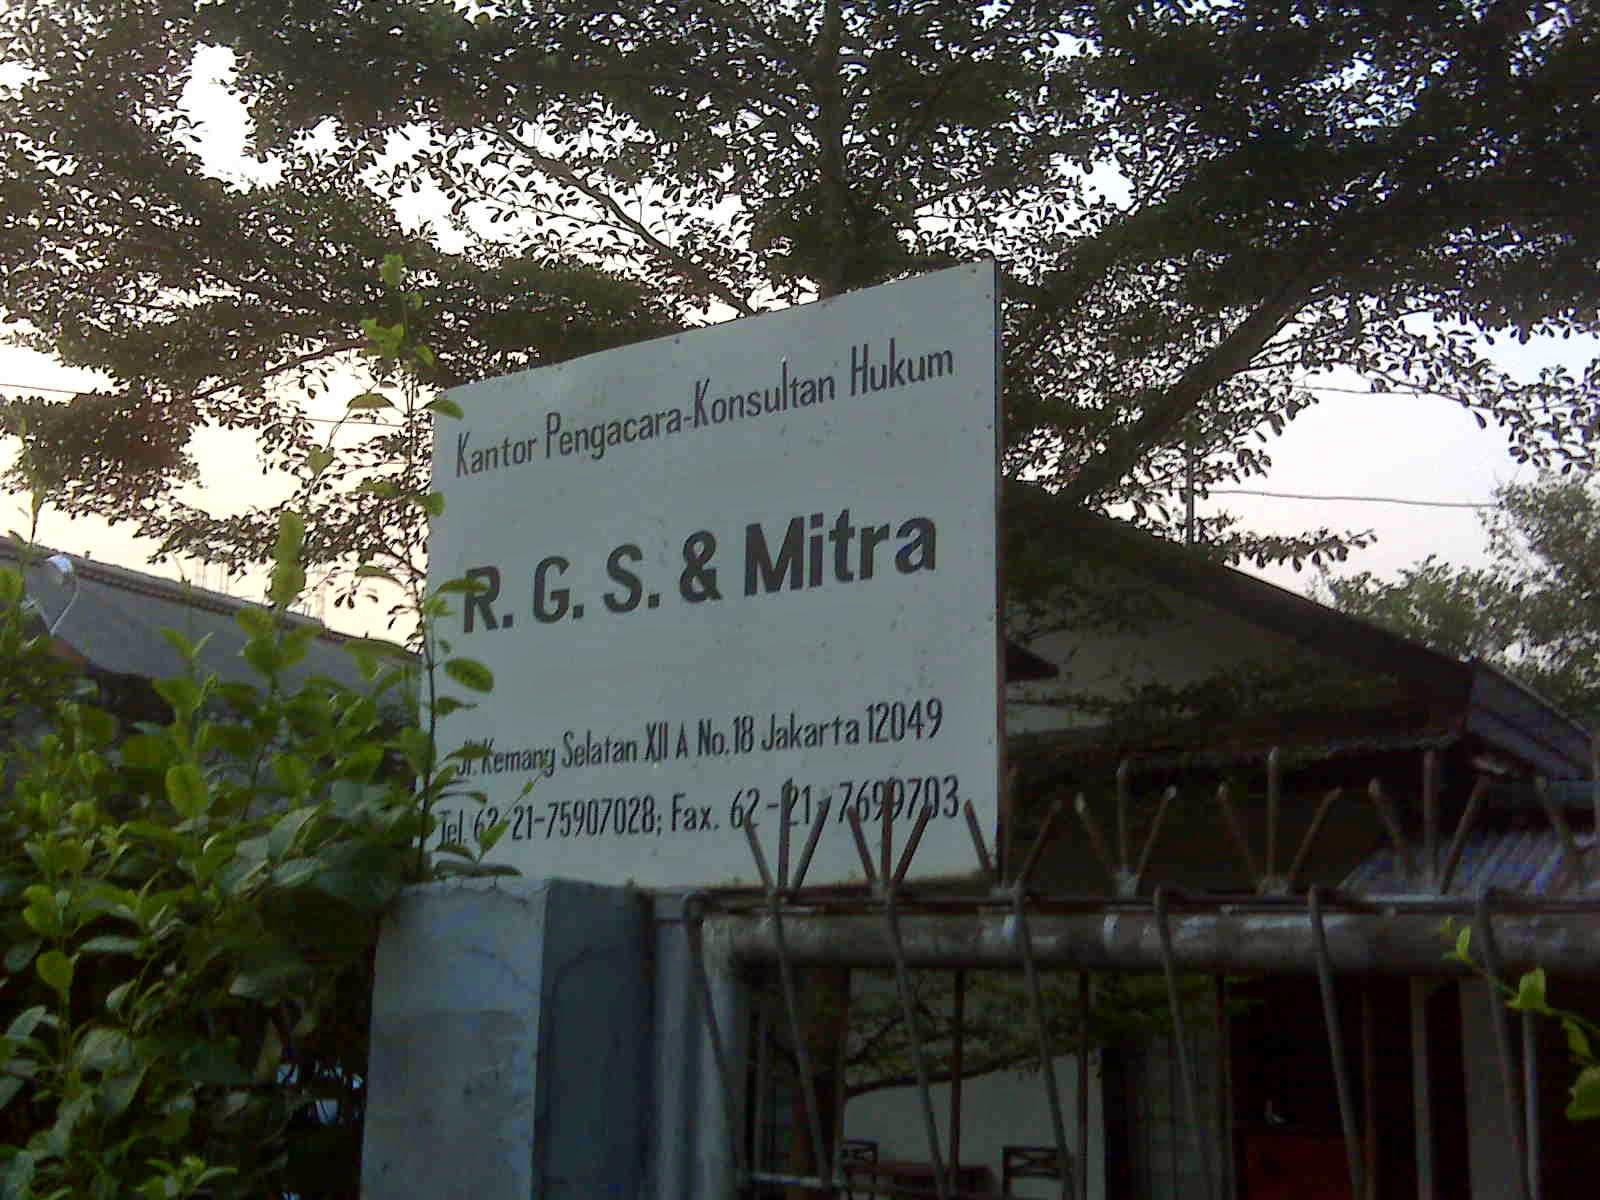 http://advokat-rgsmitra.com